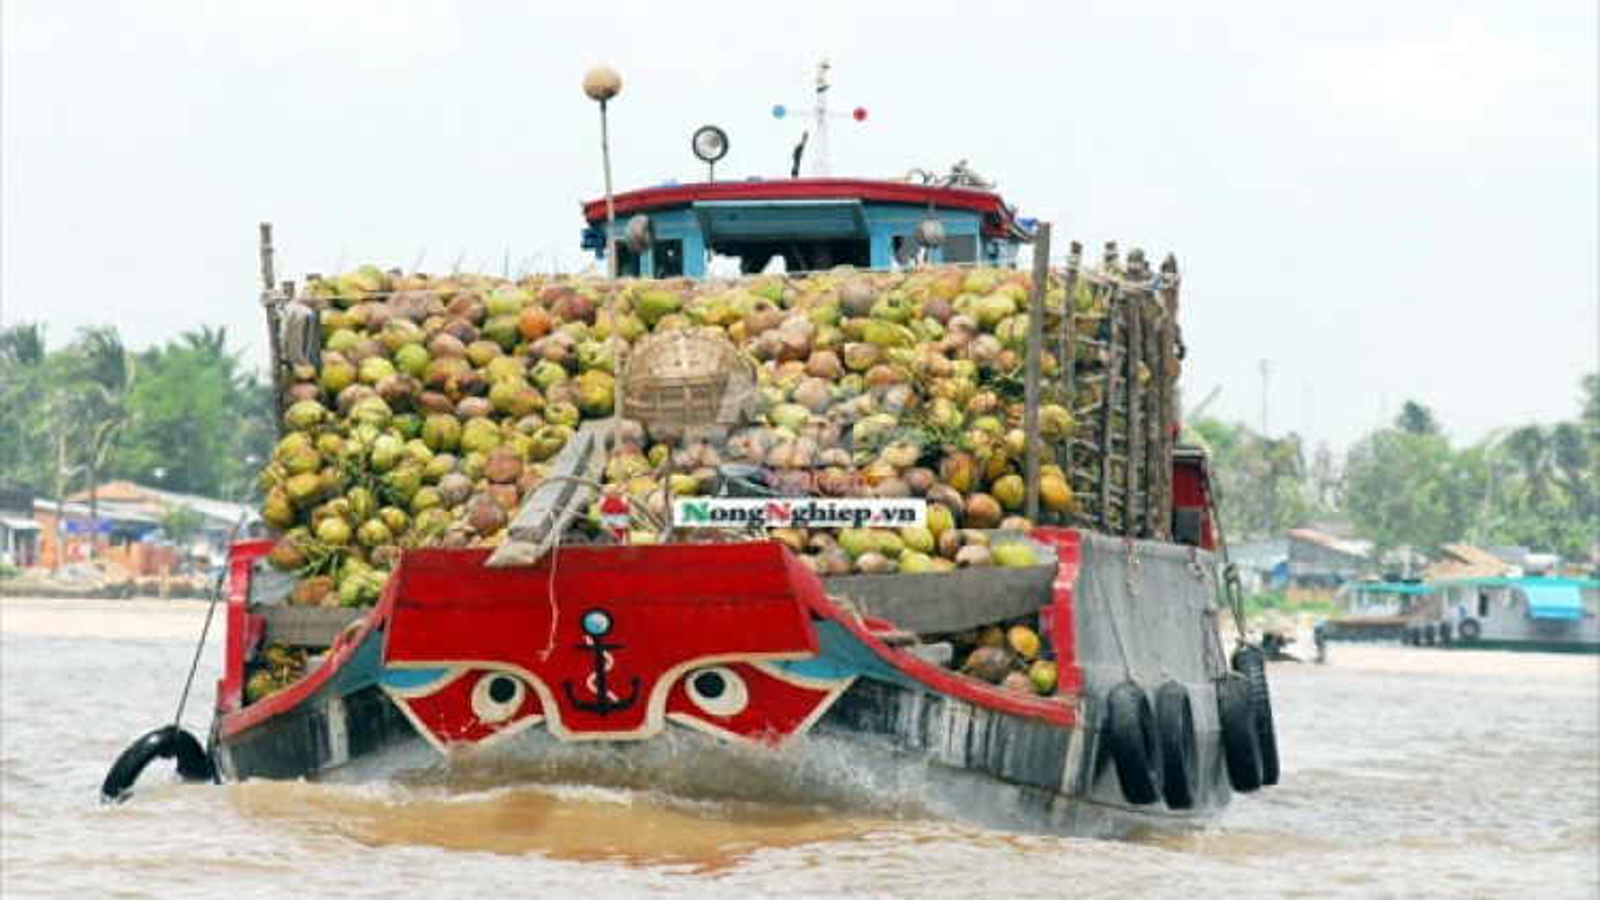 Chi phí logistics quá cao làm giảm sức cạnh tranh của sản phẩm nông sản